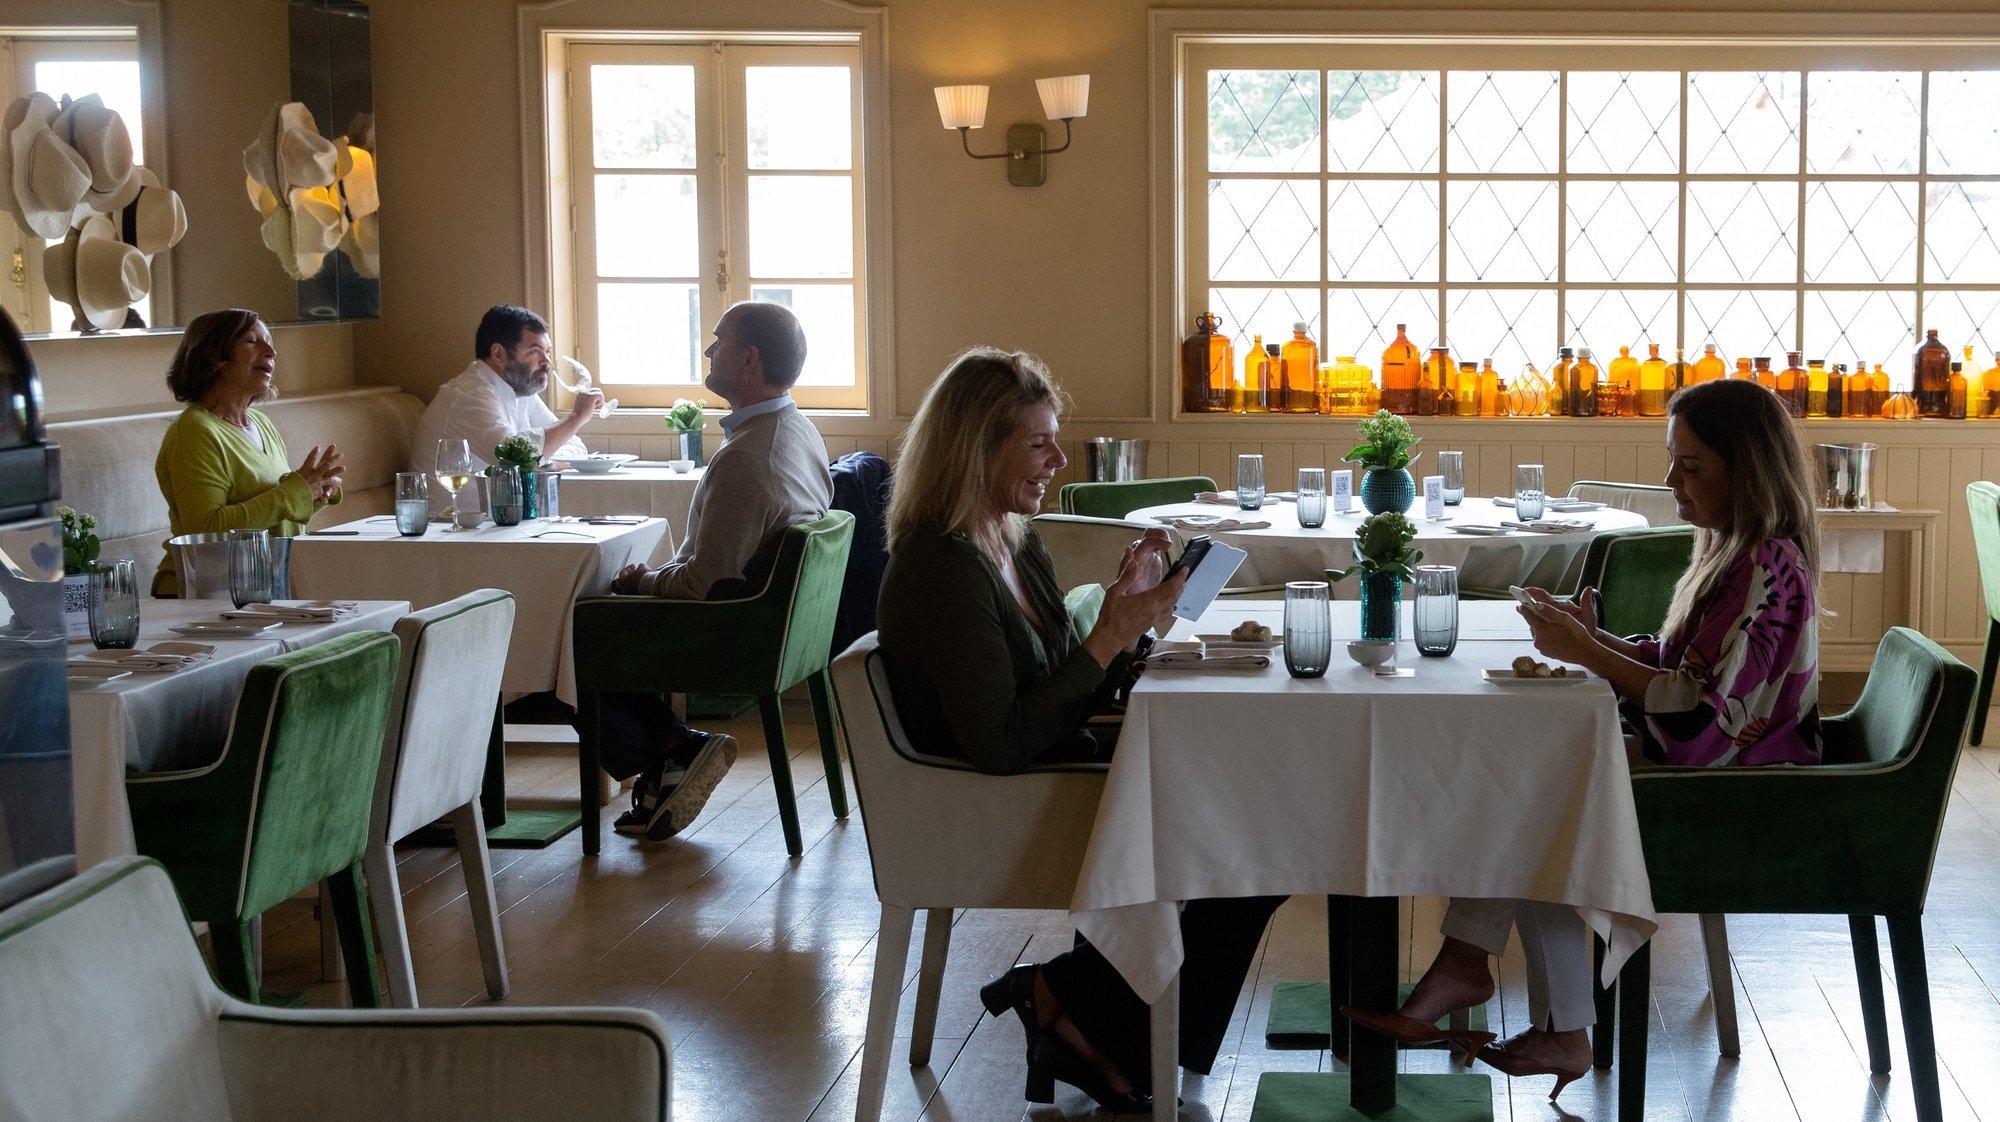 Clientes almoçam no restaurante Wish no dia em que entram em vigor novas medidas de desconfinamento, Porto, 19 de abril de 2021. Passa a ser autorizada a abertura de restaurantes, cafés e pastelarias, mas com a restrição de lotação máxima a quatro pessoas ou seis pessoas em esplanadas e com horário até às 22:00 horas ou às 13:00 ao fim de semana. JOSÉ COELHO/LUSA